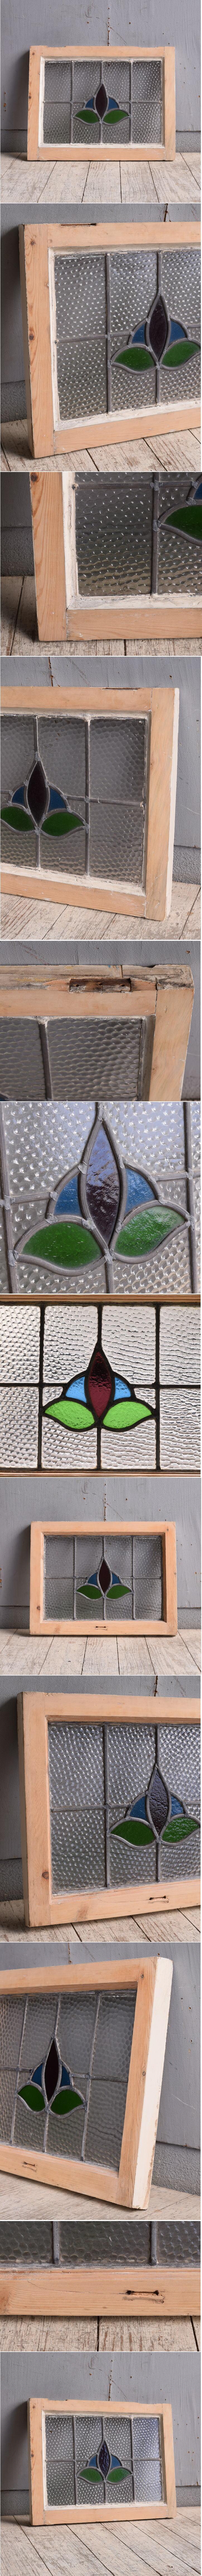 イギリス アンティーク ステンドグラス 幾何学 9985